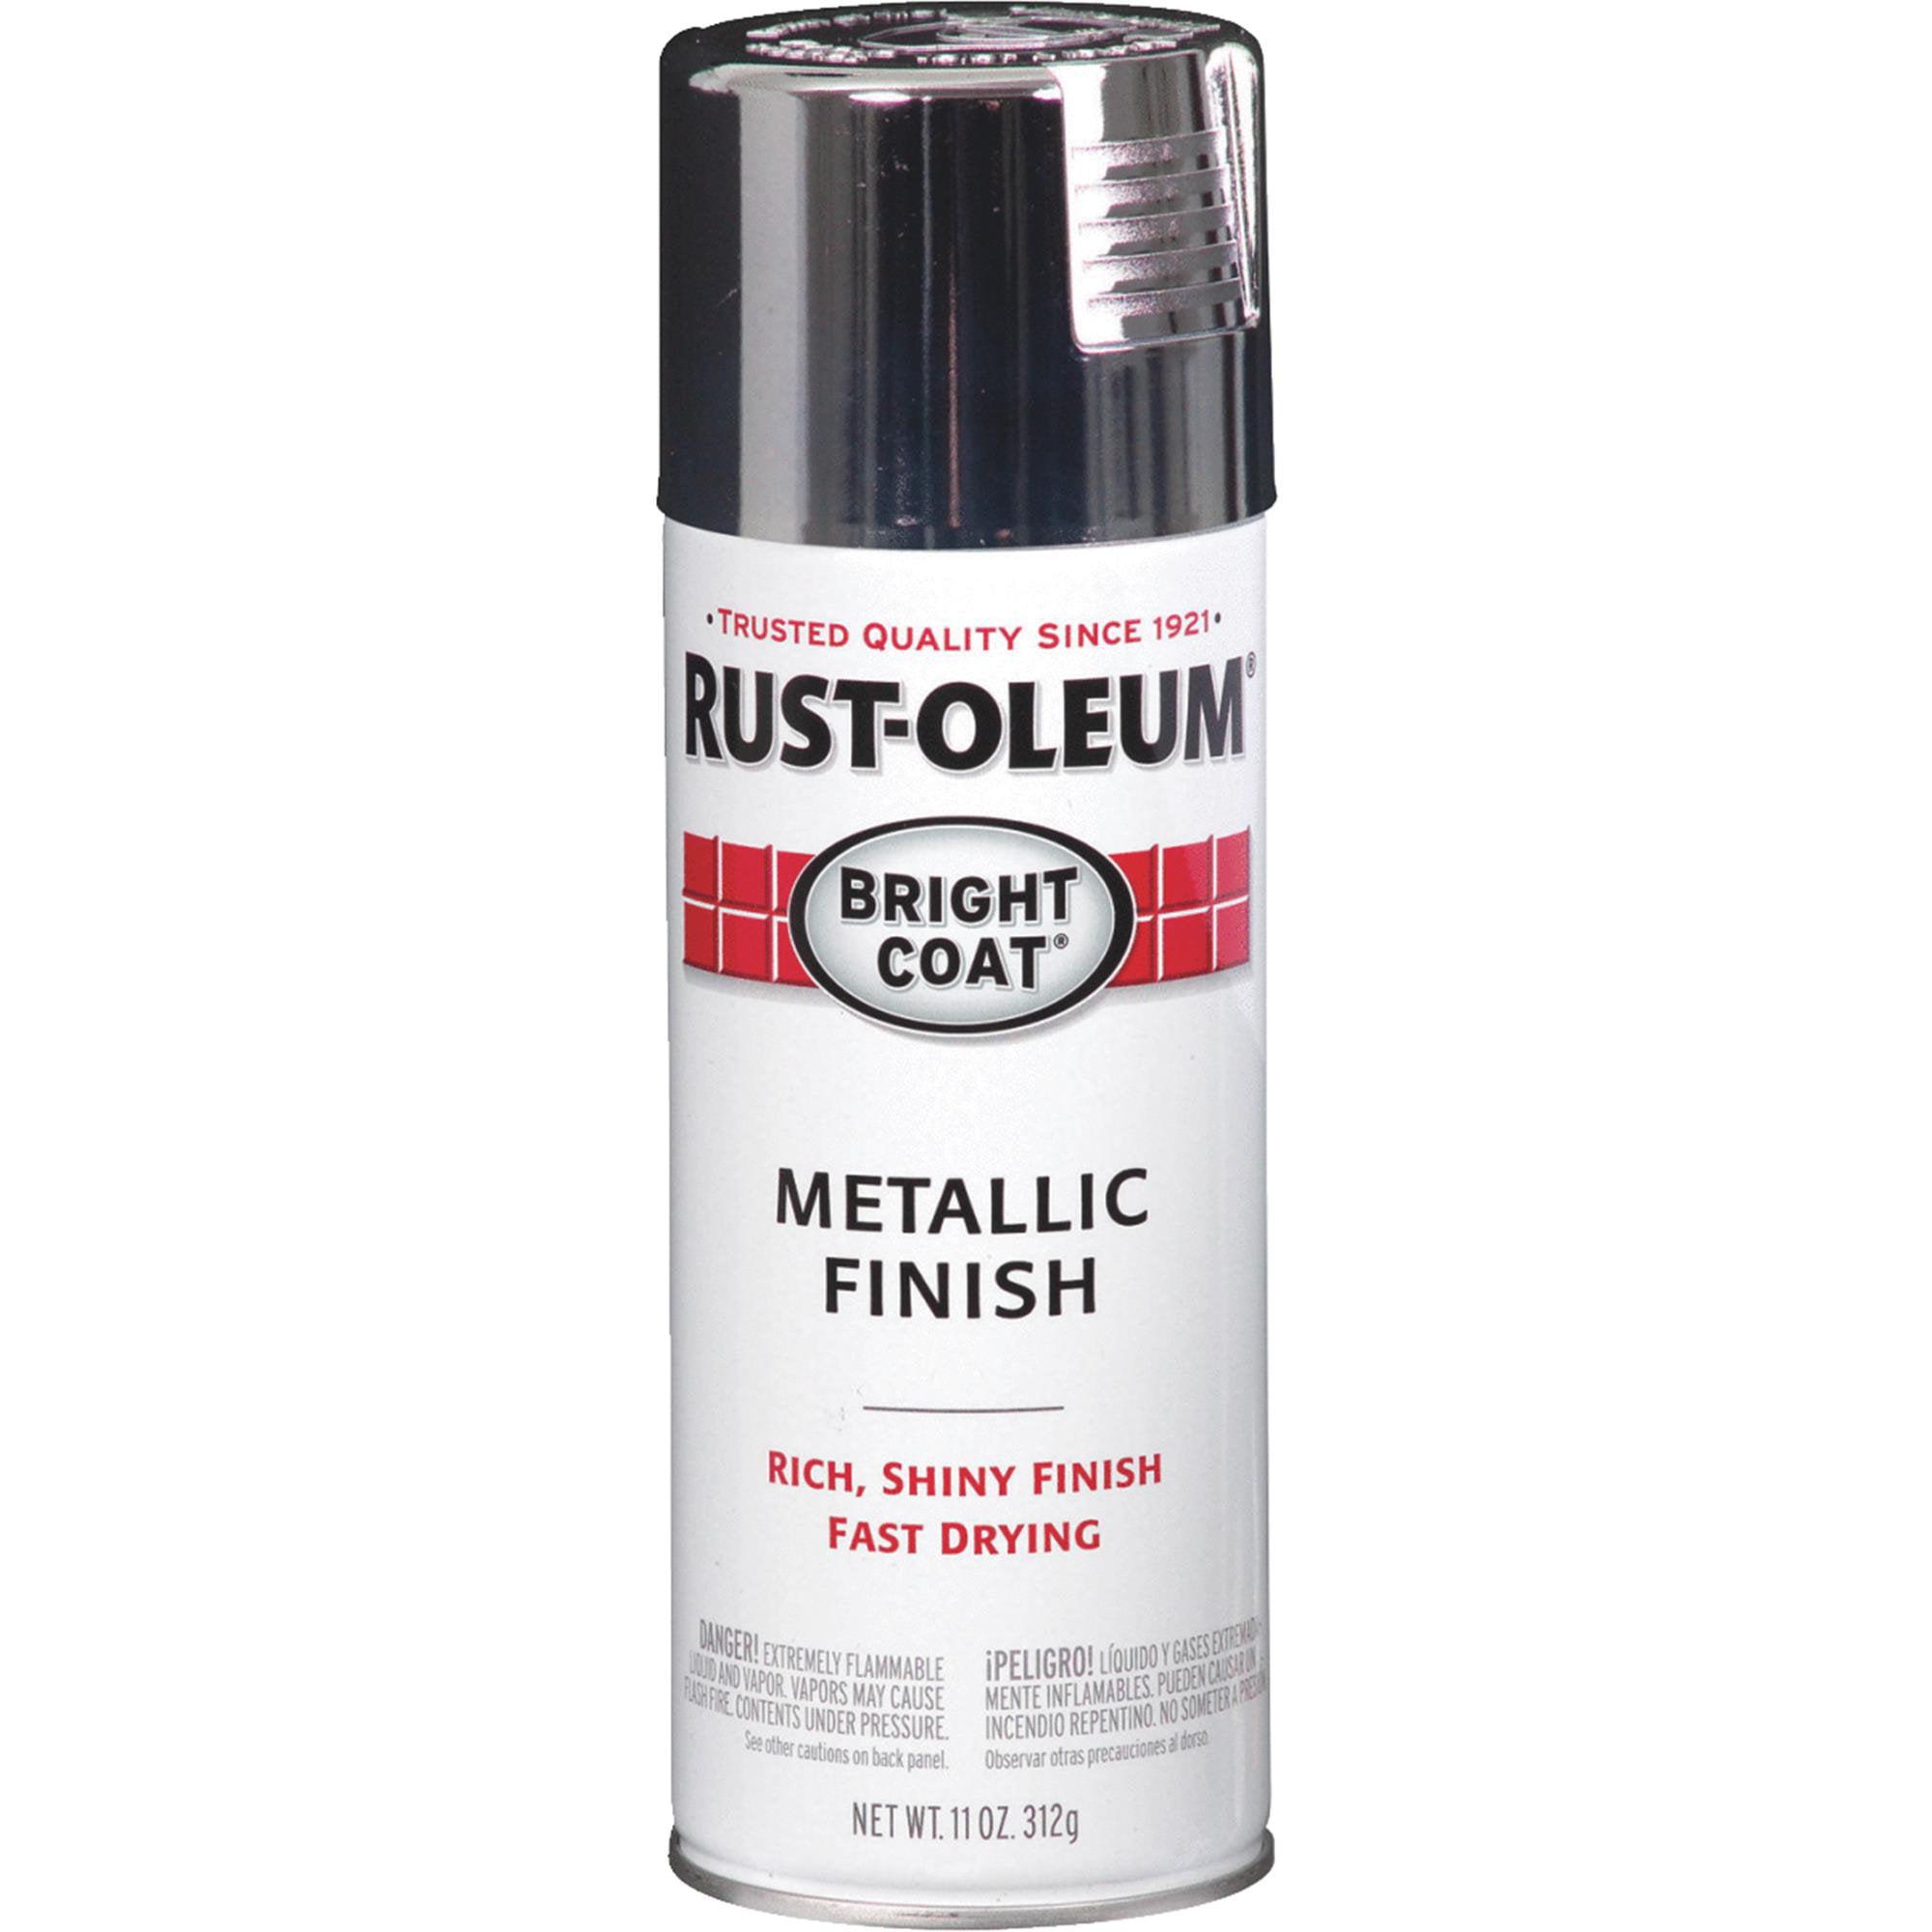 Rust-Oleum Bright Coat Metallic